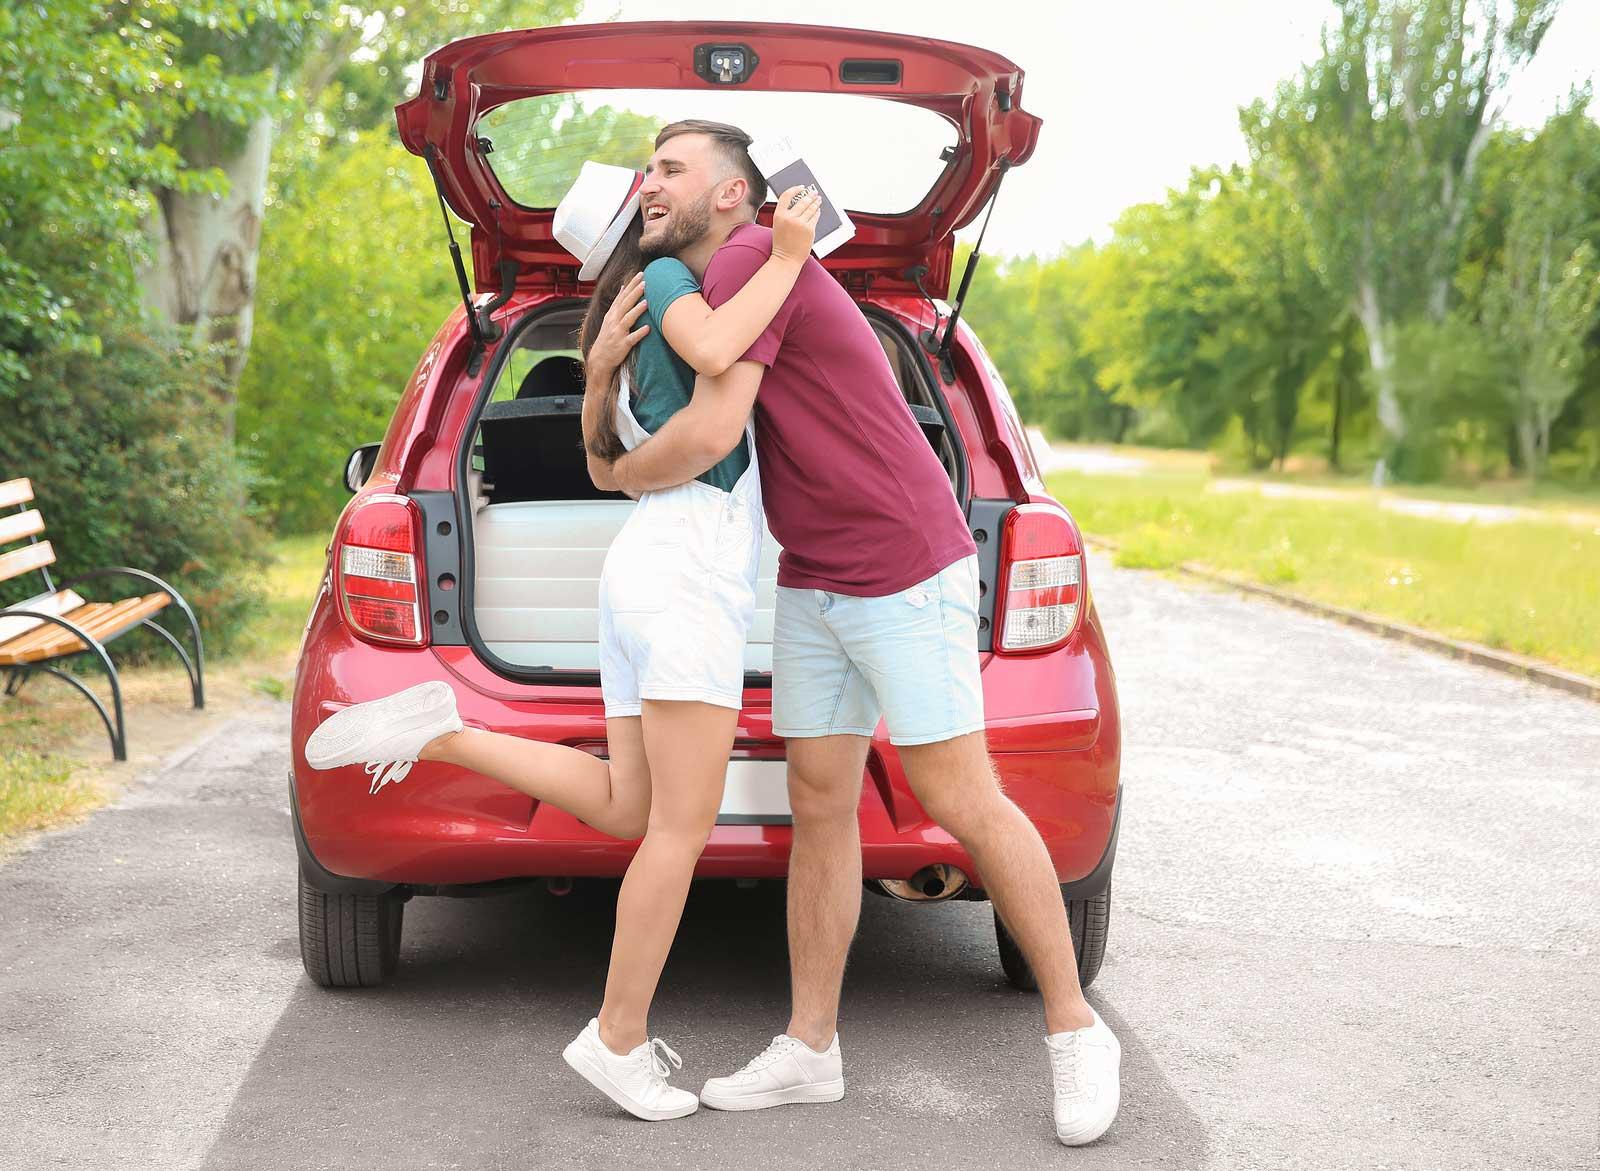 Leur voiture pleine à craquer, des amis de collège se préparent à retourner à l'université.